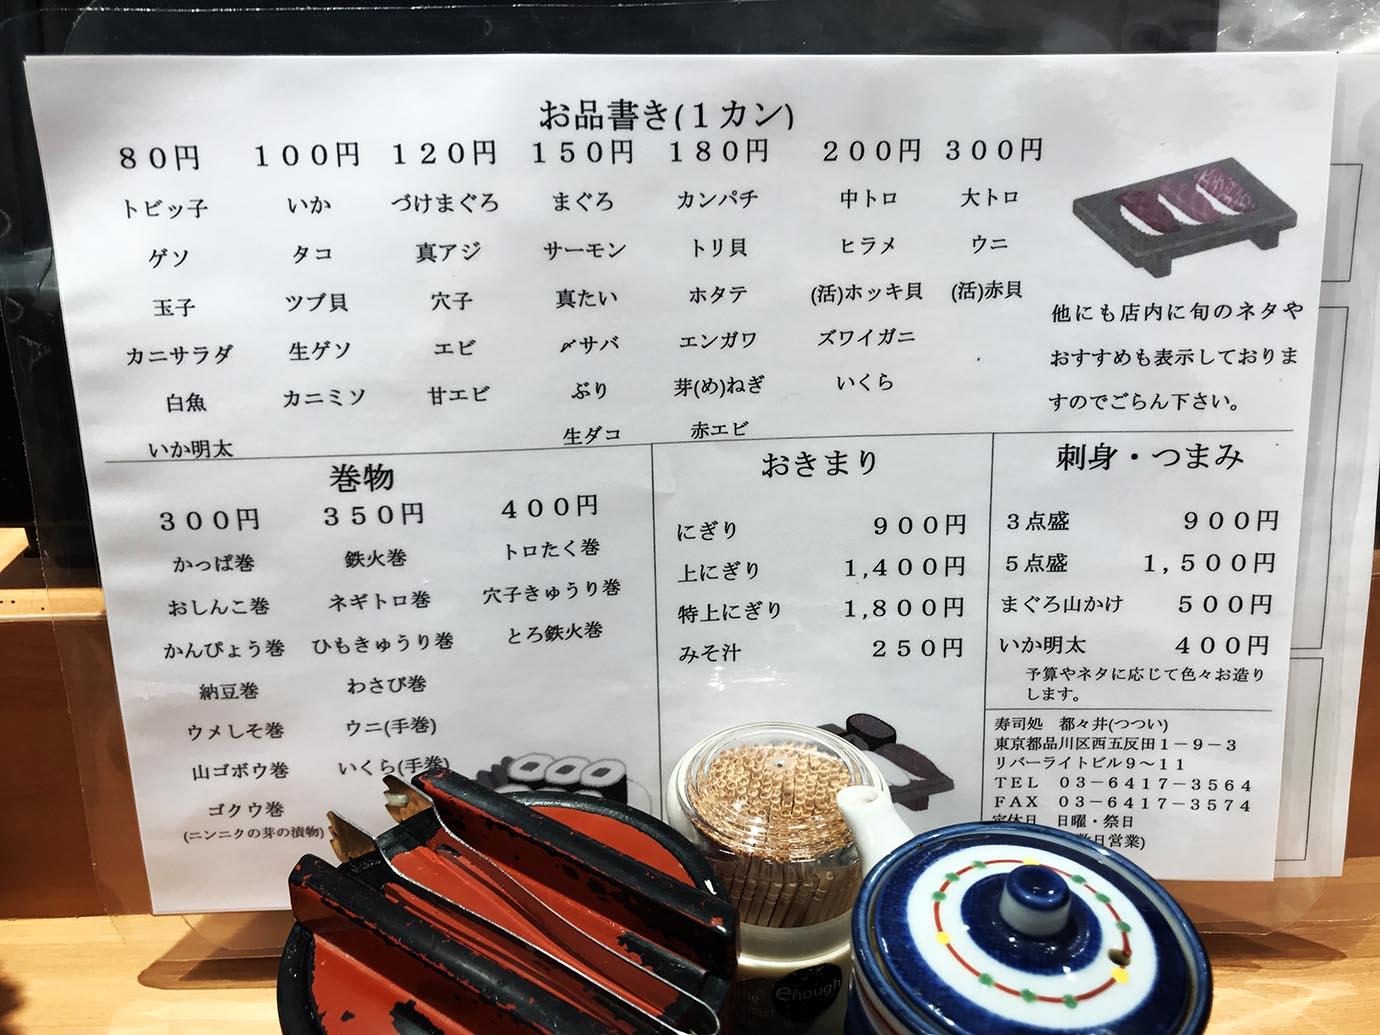 tsutsui-sushi-gotanda4